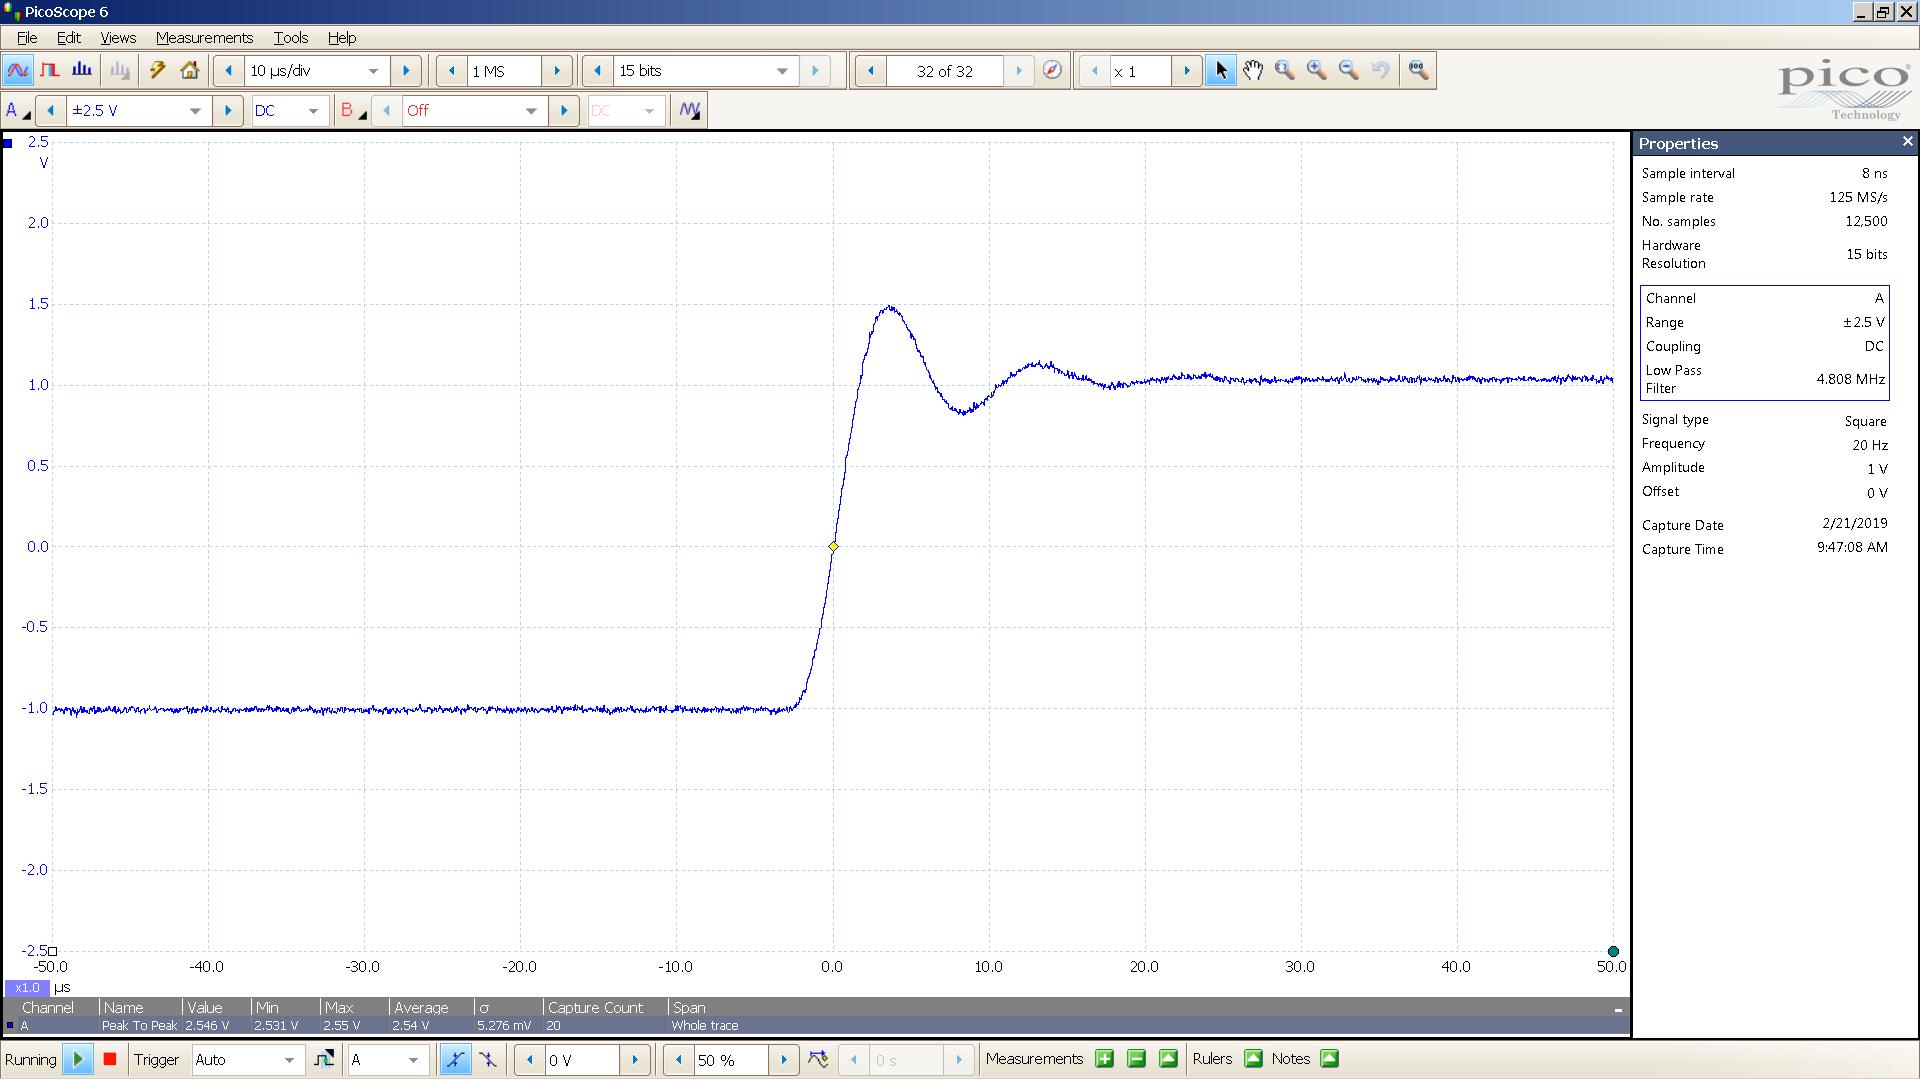 20190221 SigGen DSHA-3F 20 Hz square 2000mVpp 10uS div 5MHz filter 300R.png